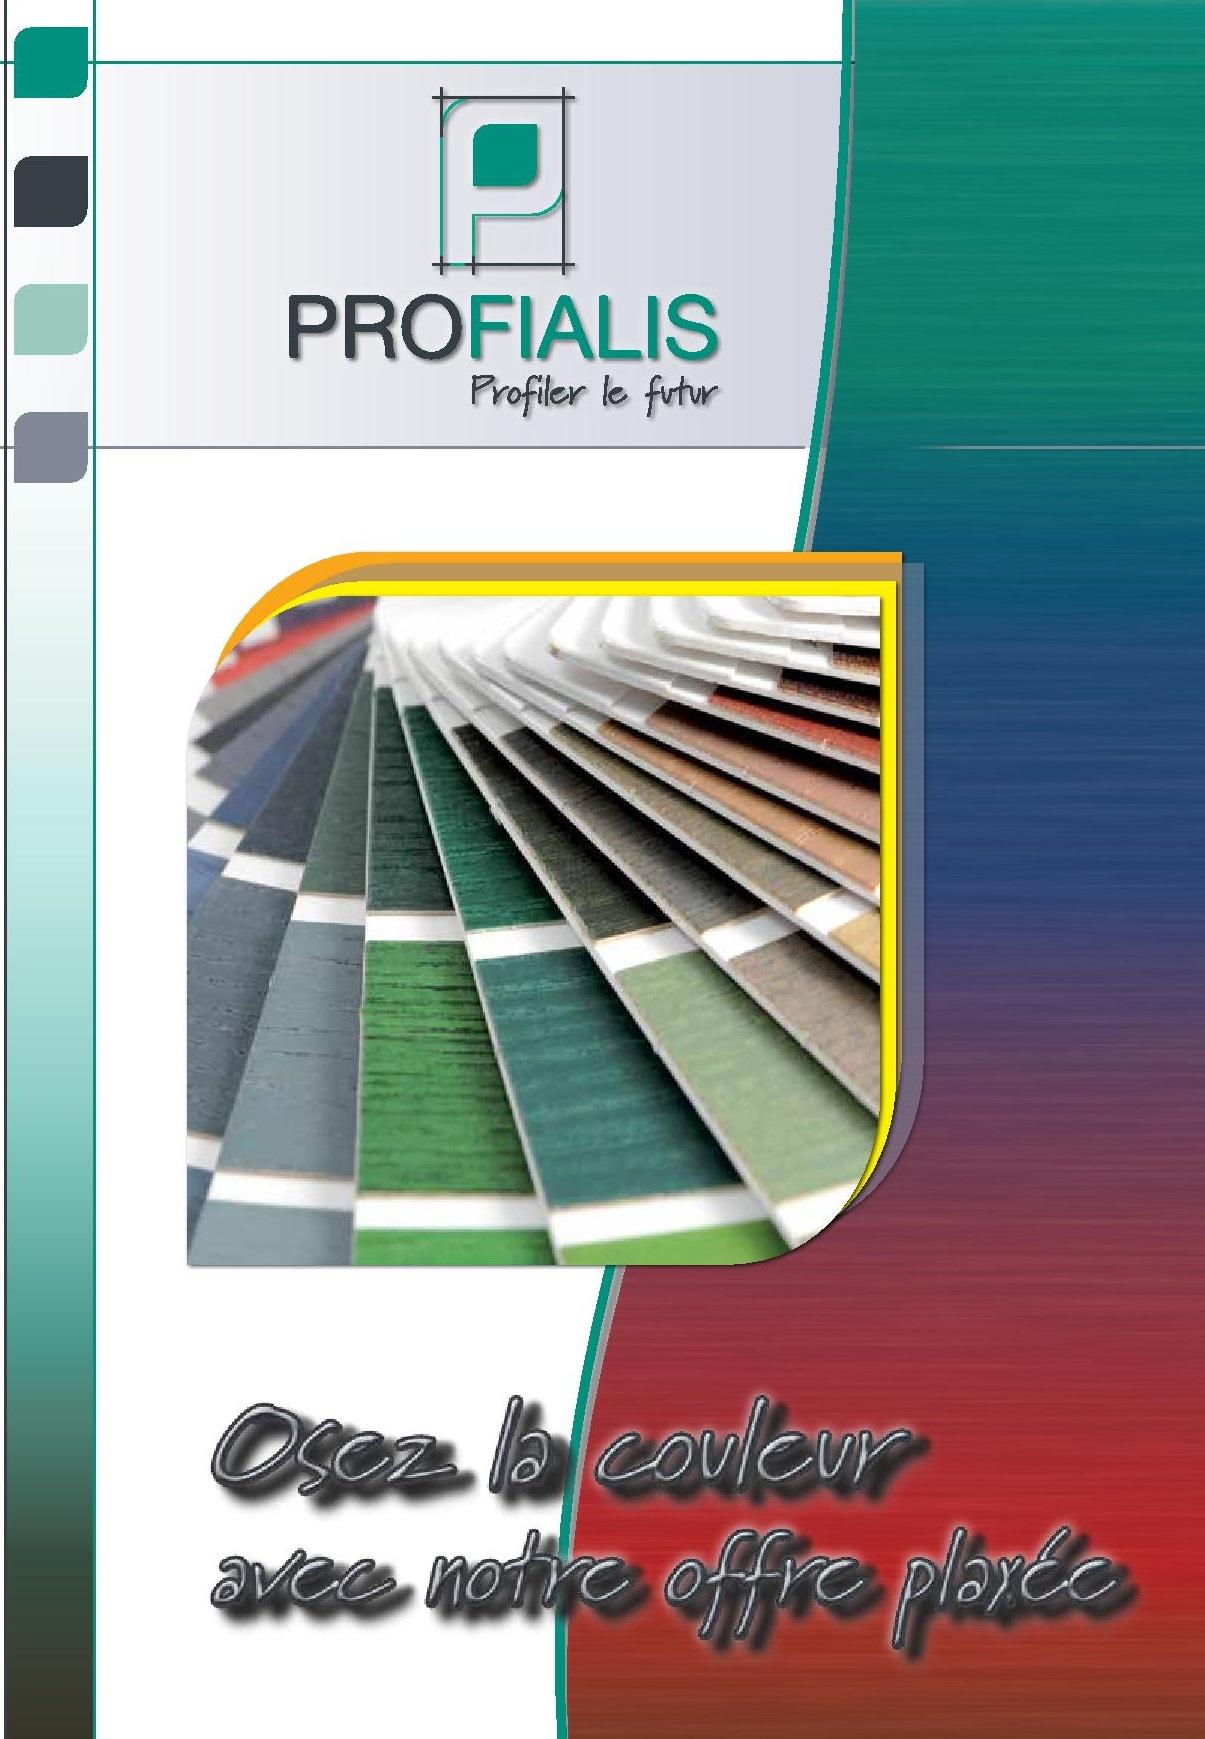 osez la couleur nouveaux coloris disponibles pvc design. Black Bedroom Furniture Sets. Home Design Ideas